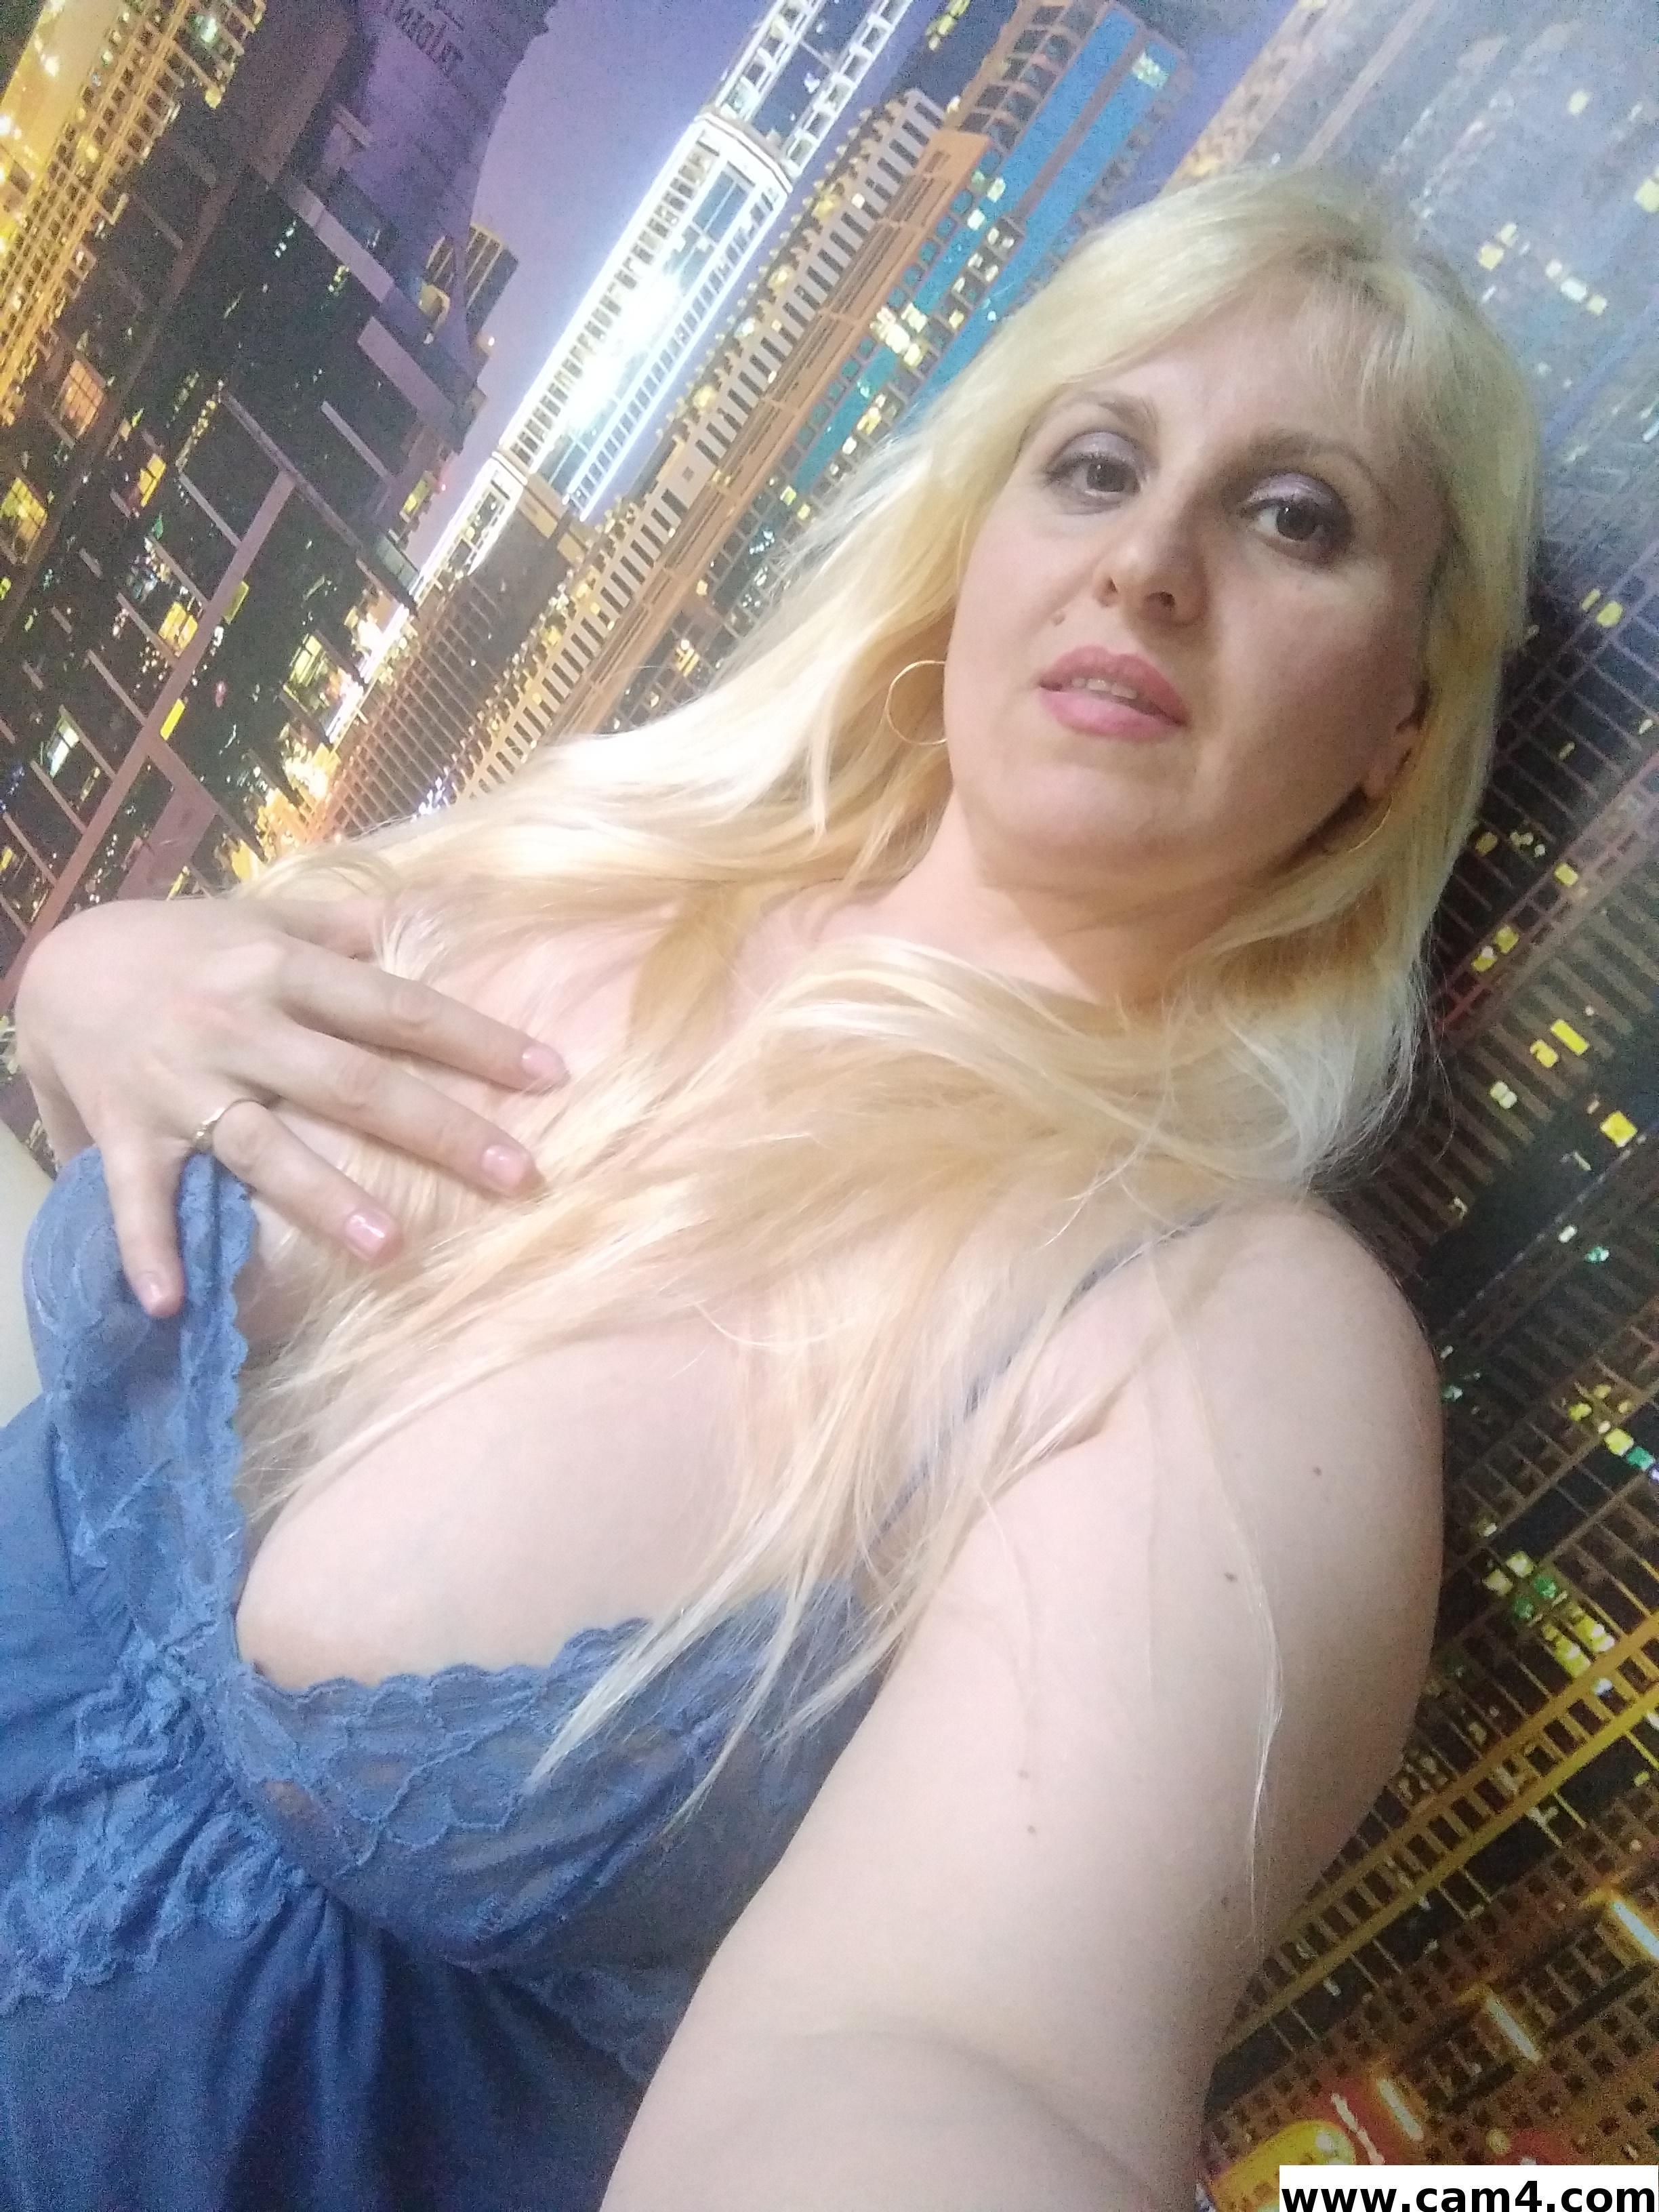 Blondabella?s=2vrojmazwywwoumdlwfngwvvfqwenb4rz9bptjnevnq=